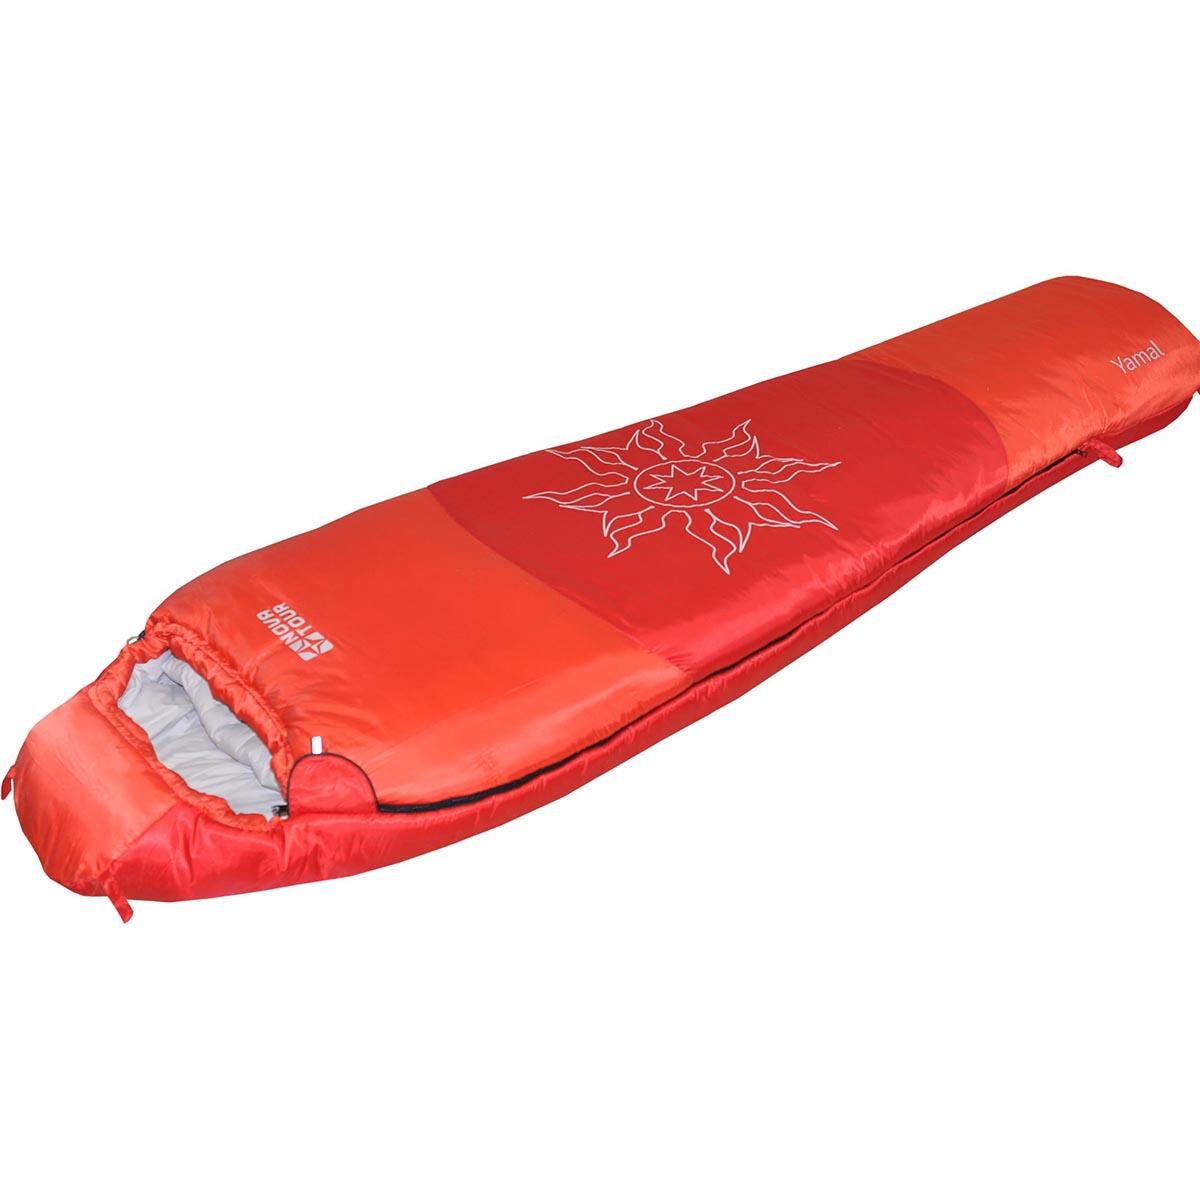 Спальный мешок Nova Tour Ямал -30 V2, цвет: красный, правосторонняя молния95419-001-RightСпальный мешок Nova Tour Ямал -30 V2 - конструкции - кокон и синтетическим наполнителем для использования при очень низких температурах. Утягивающийся капюшон, шейный воротник - сохраняют тепло. Двухзамковая молния позволяет состегнуть два спальных мешка левого и правого исполнения в один двойной. Компрессионный мешок в комплекте.